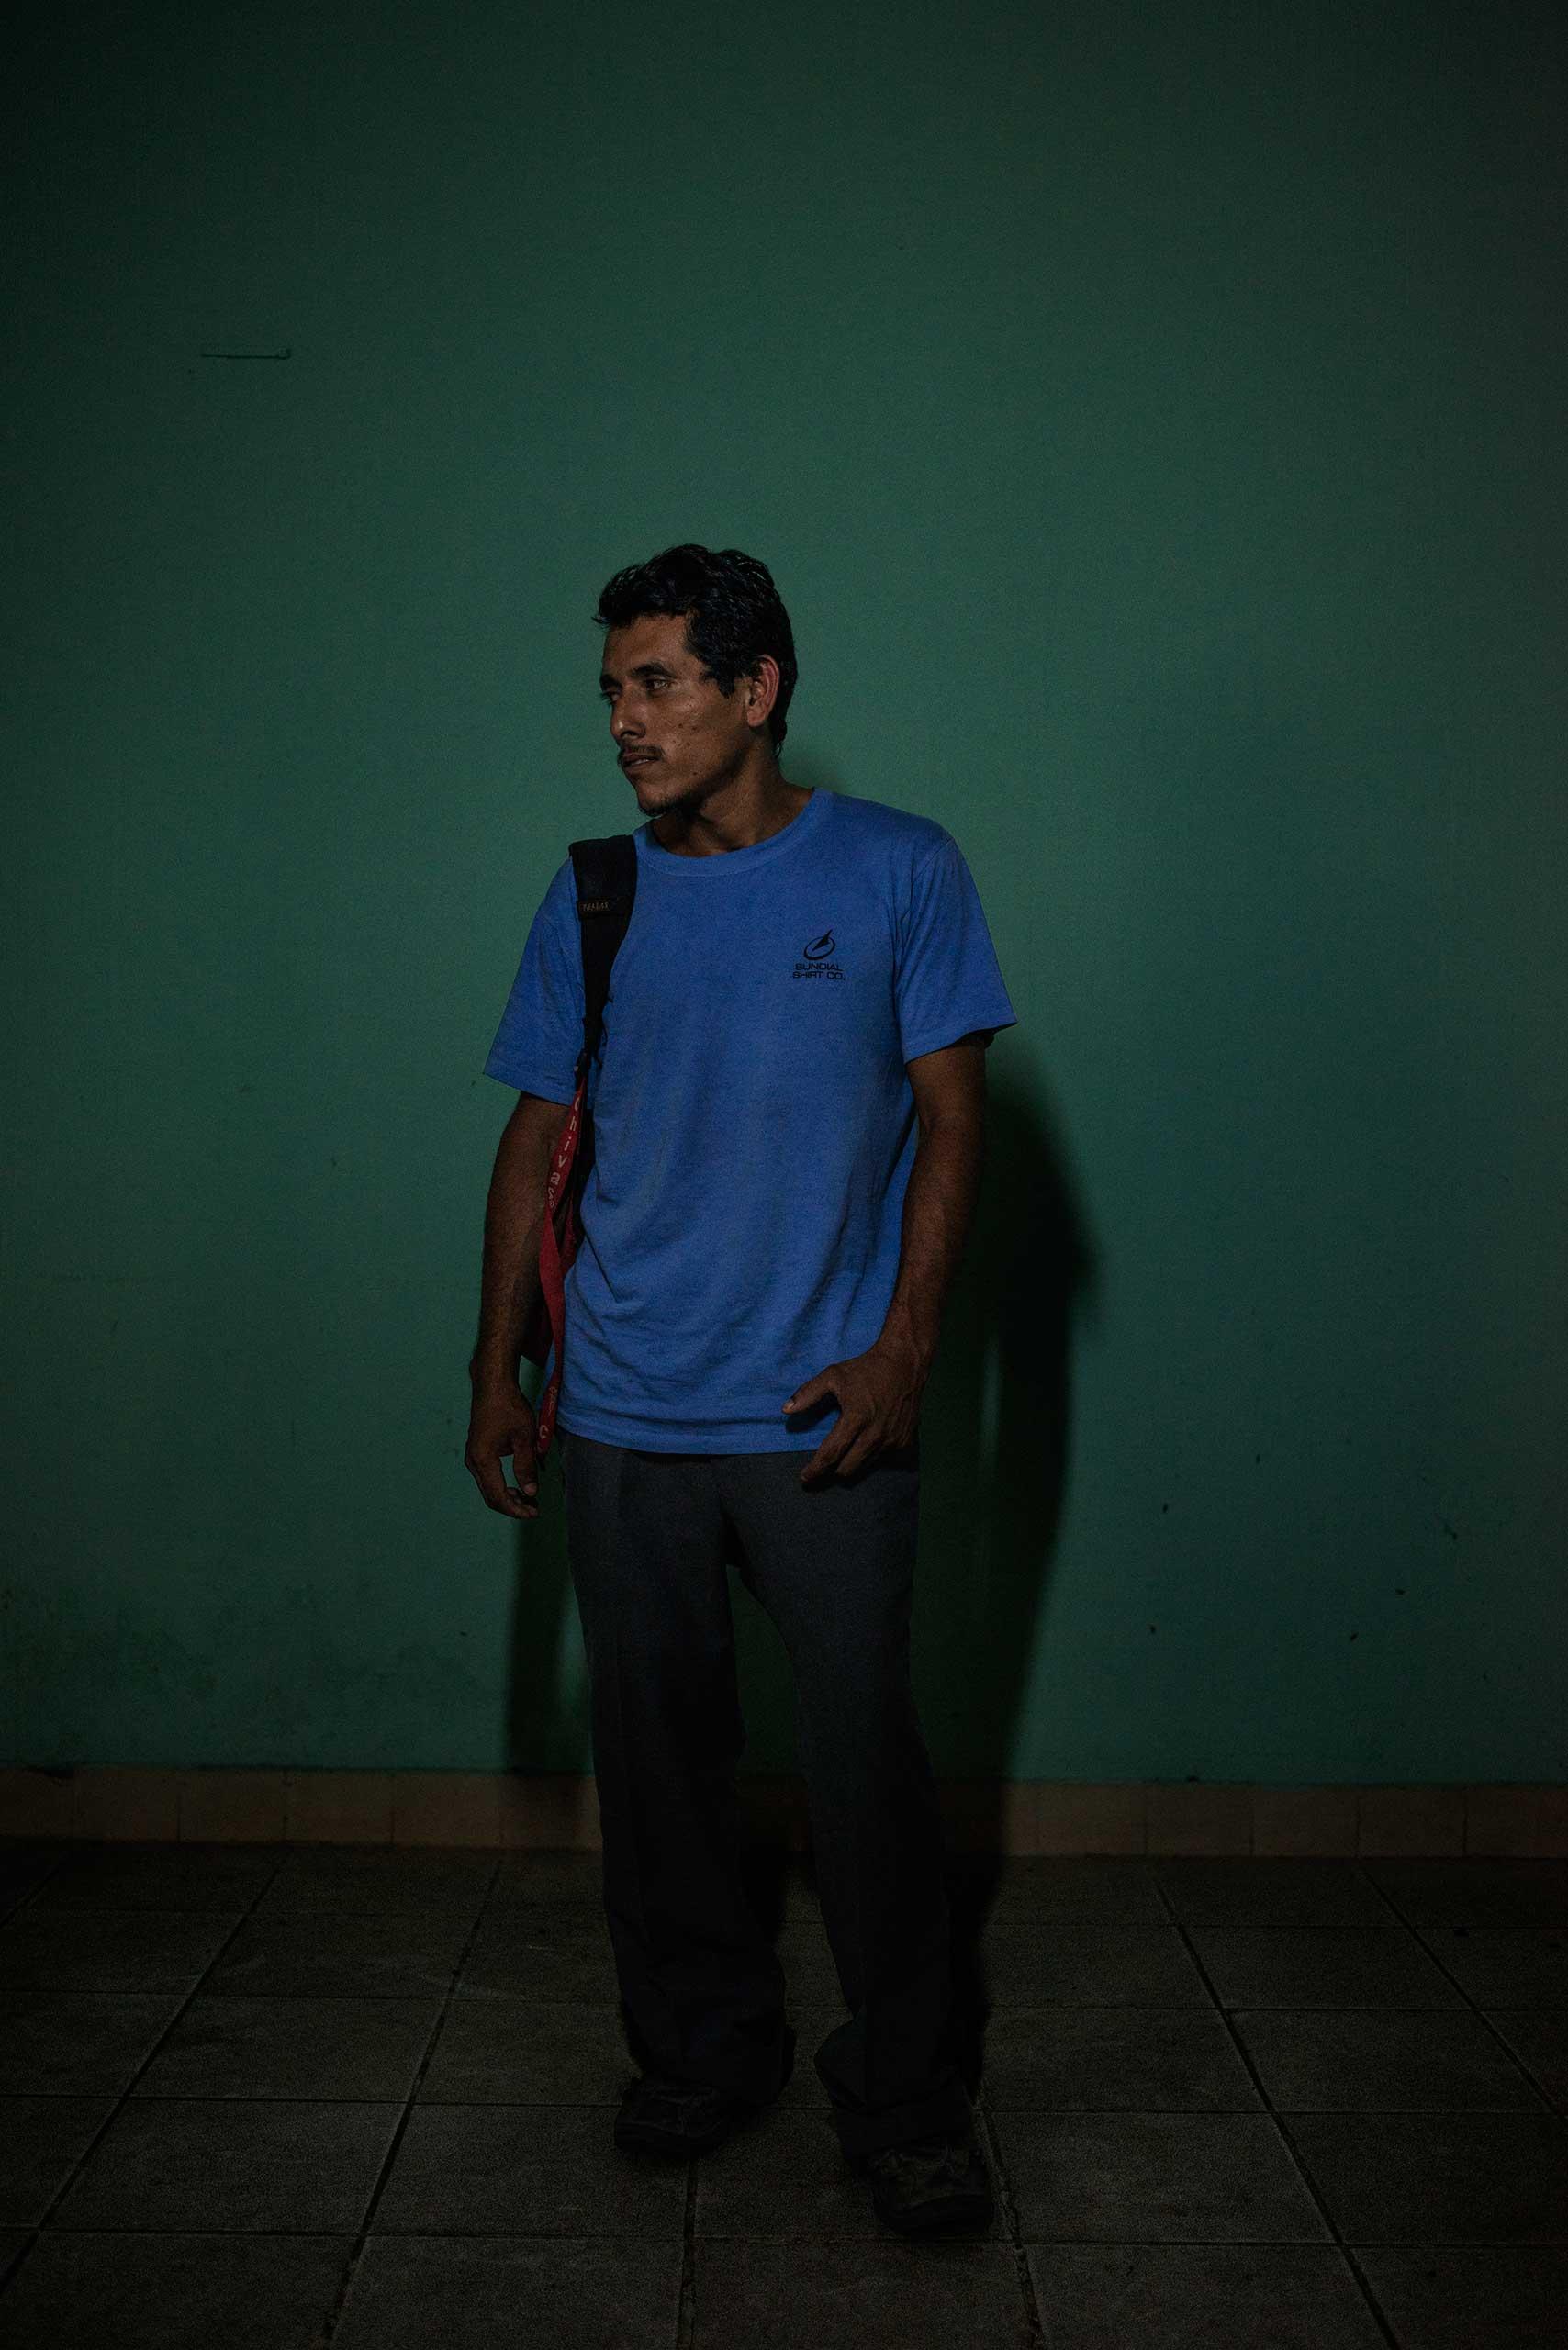 Edwin Alexander Mateo, 22, from Guatemala.